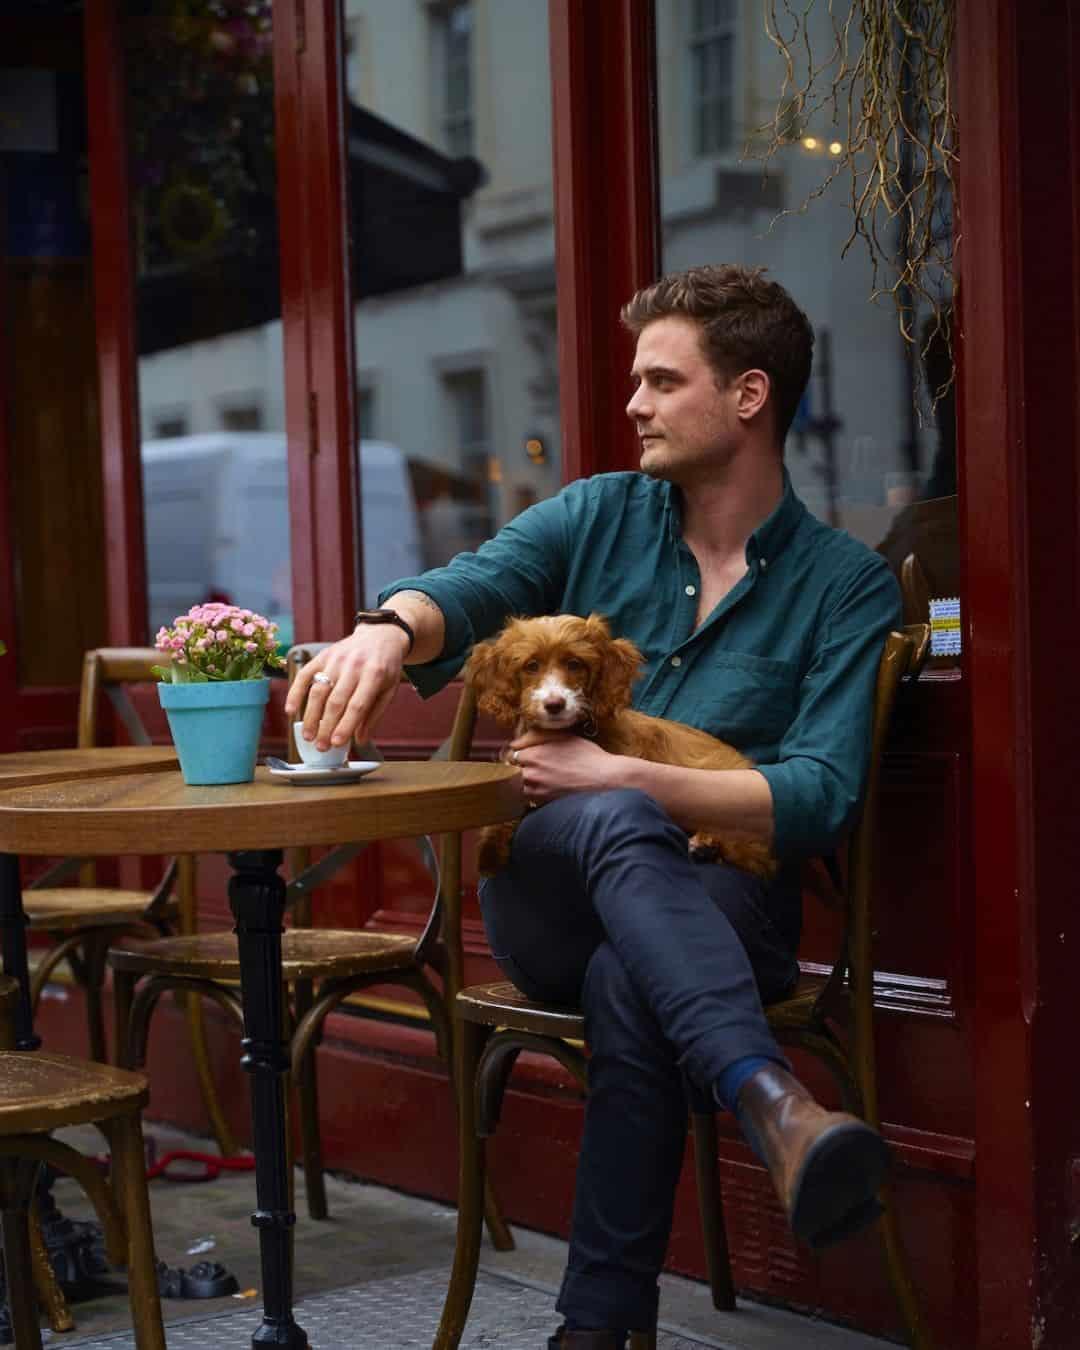 Dog-friendly Italian Restaurants in London - 40 Dean Street